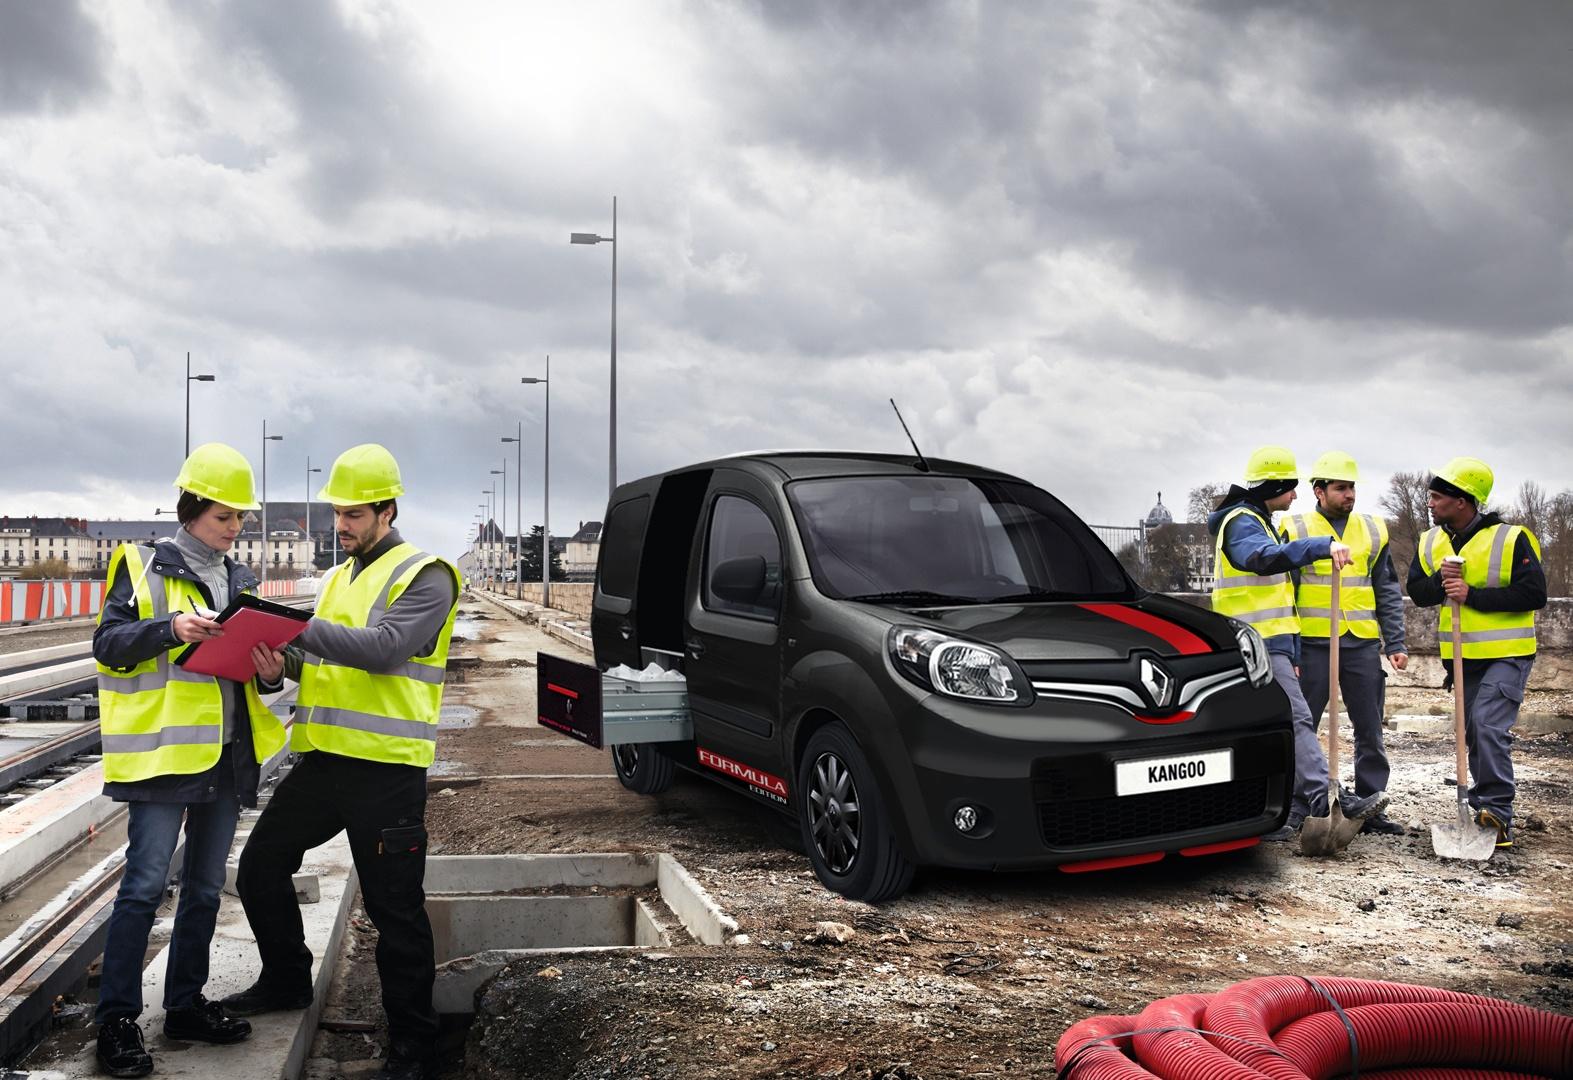 Bilanpassning: få rätt bilinredning för din bransch och arbetsdag